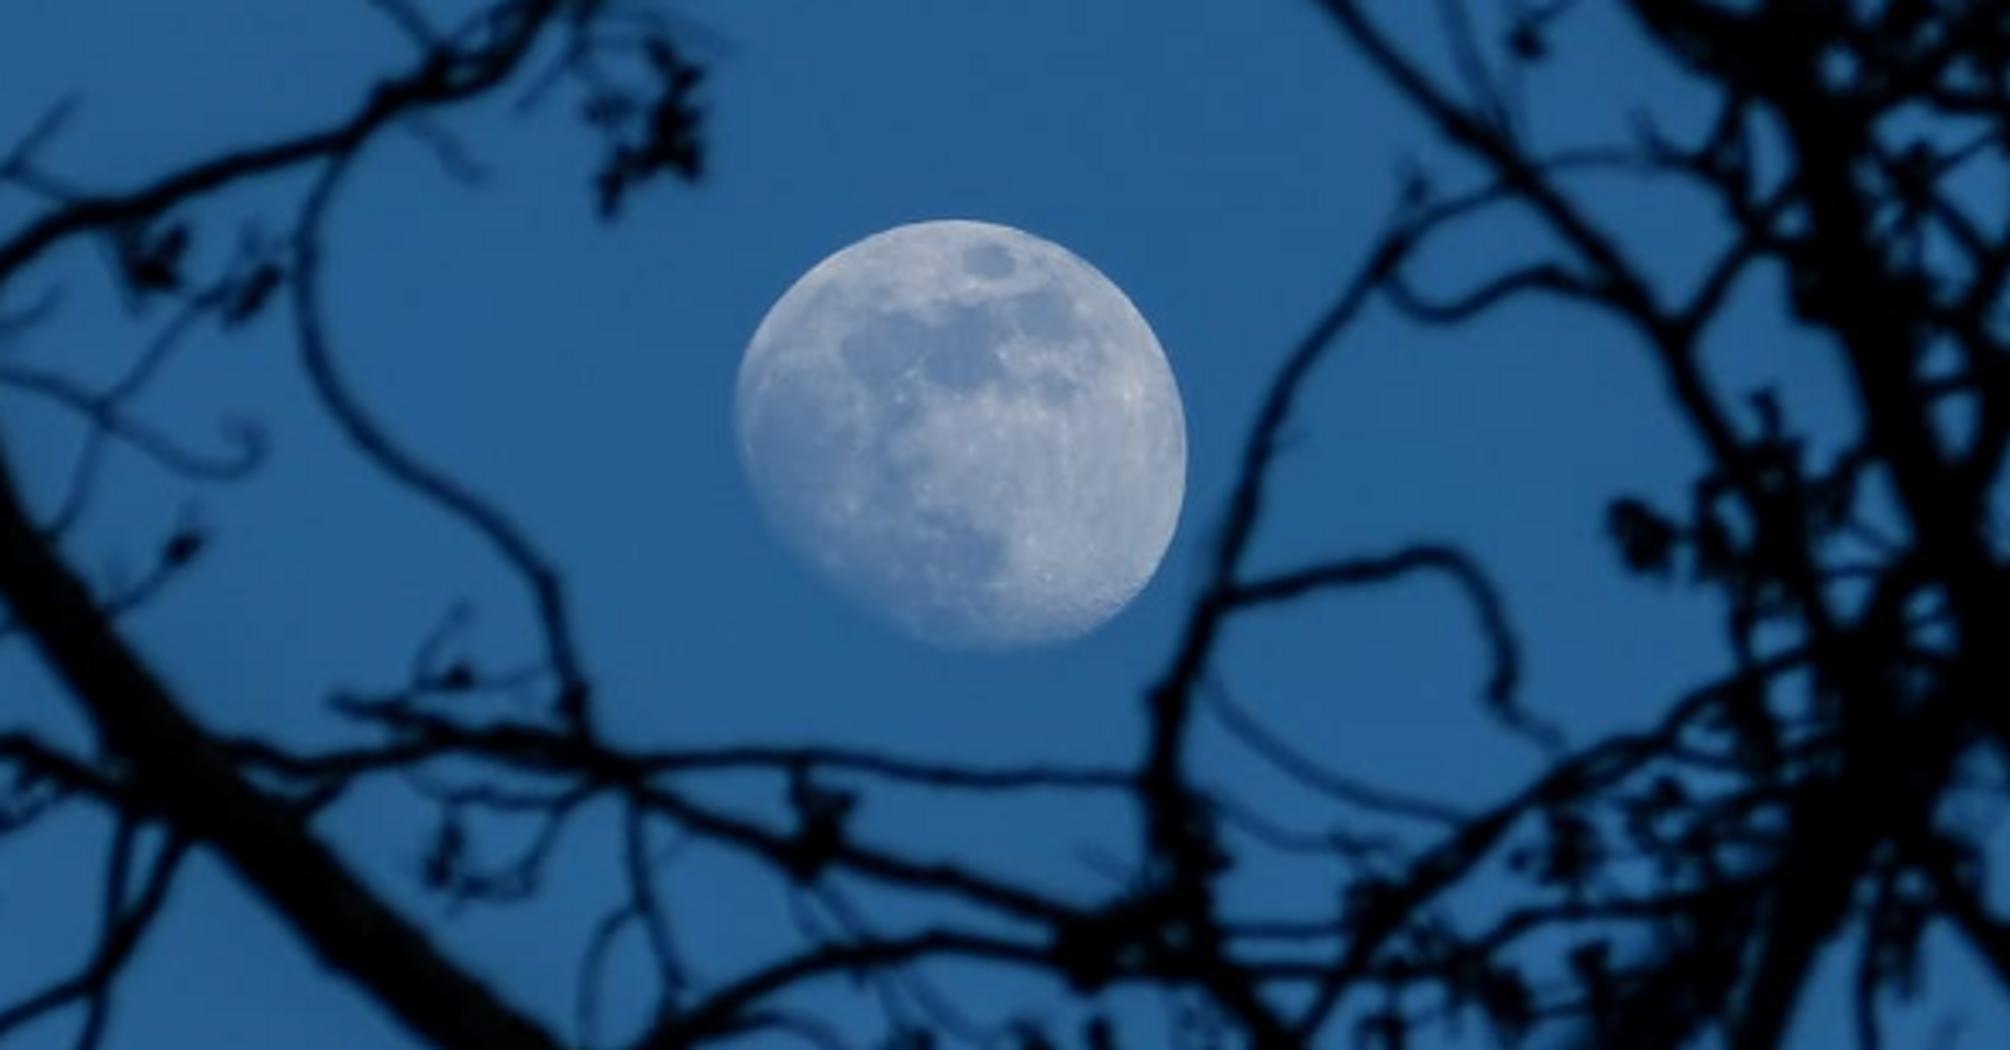 Пятница 13 марта - критический лунный день. Чего на самом деле нужно опасаться